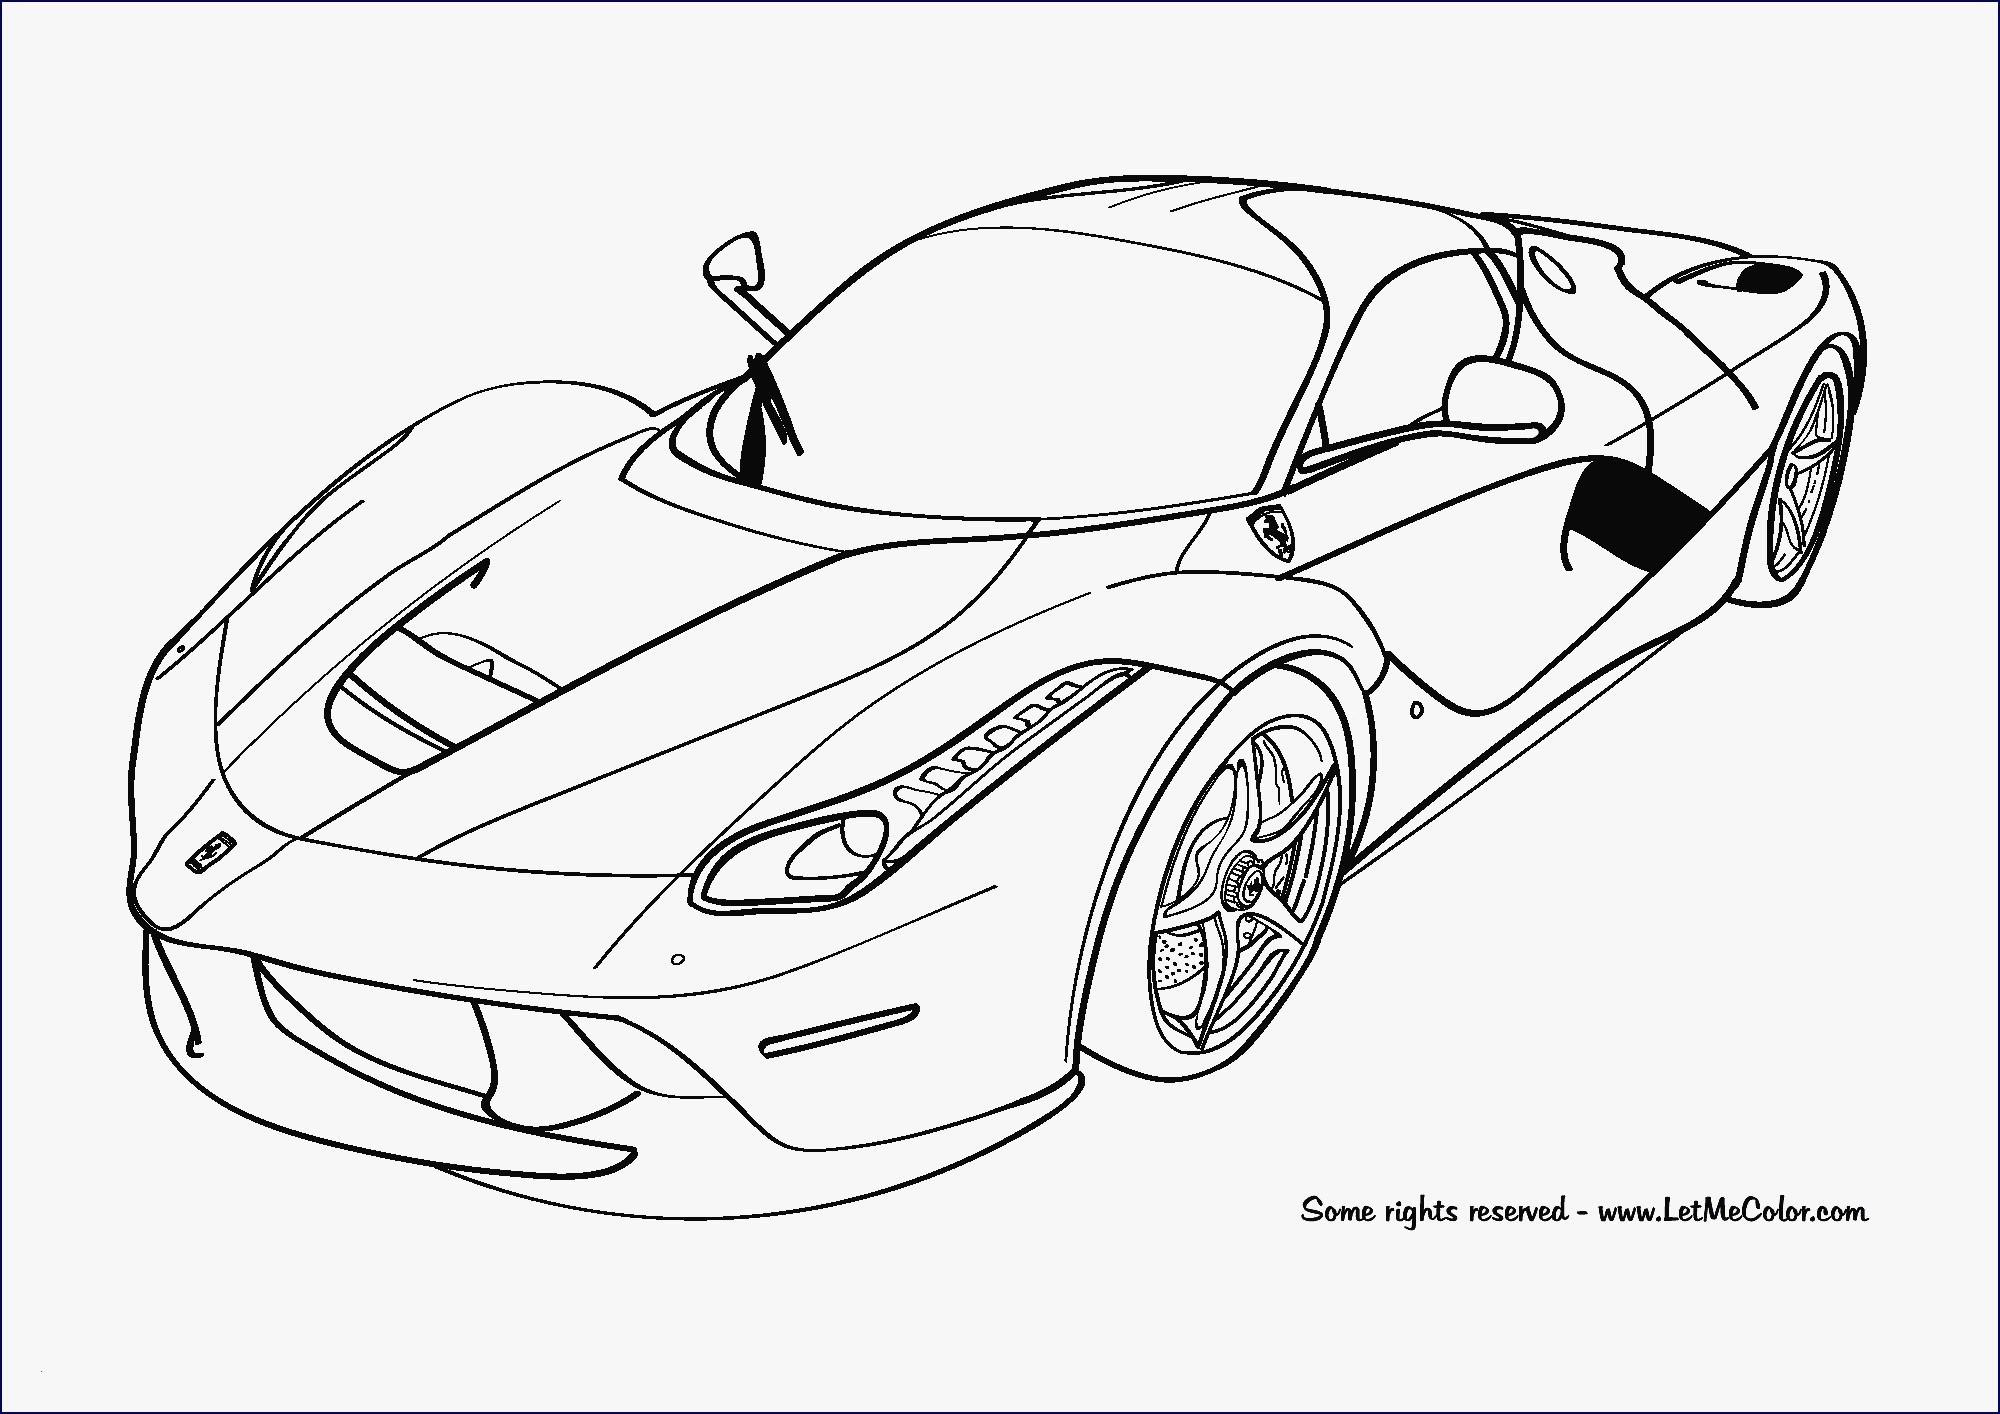 Ausmalbilder Autos Lamborghini Einzigartig 37 Ausmalbilder Ferrari Scoredatscore Schön Ausmalbilder Autos Das Bild